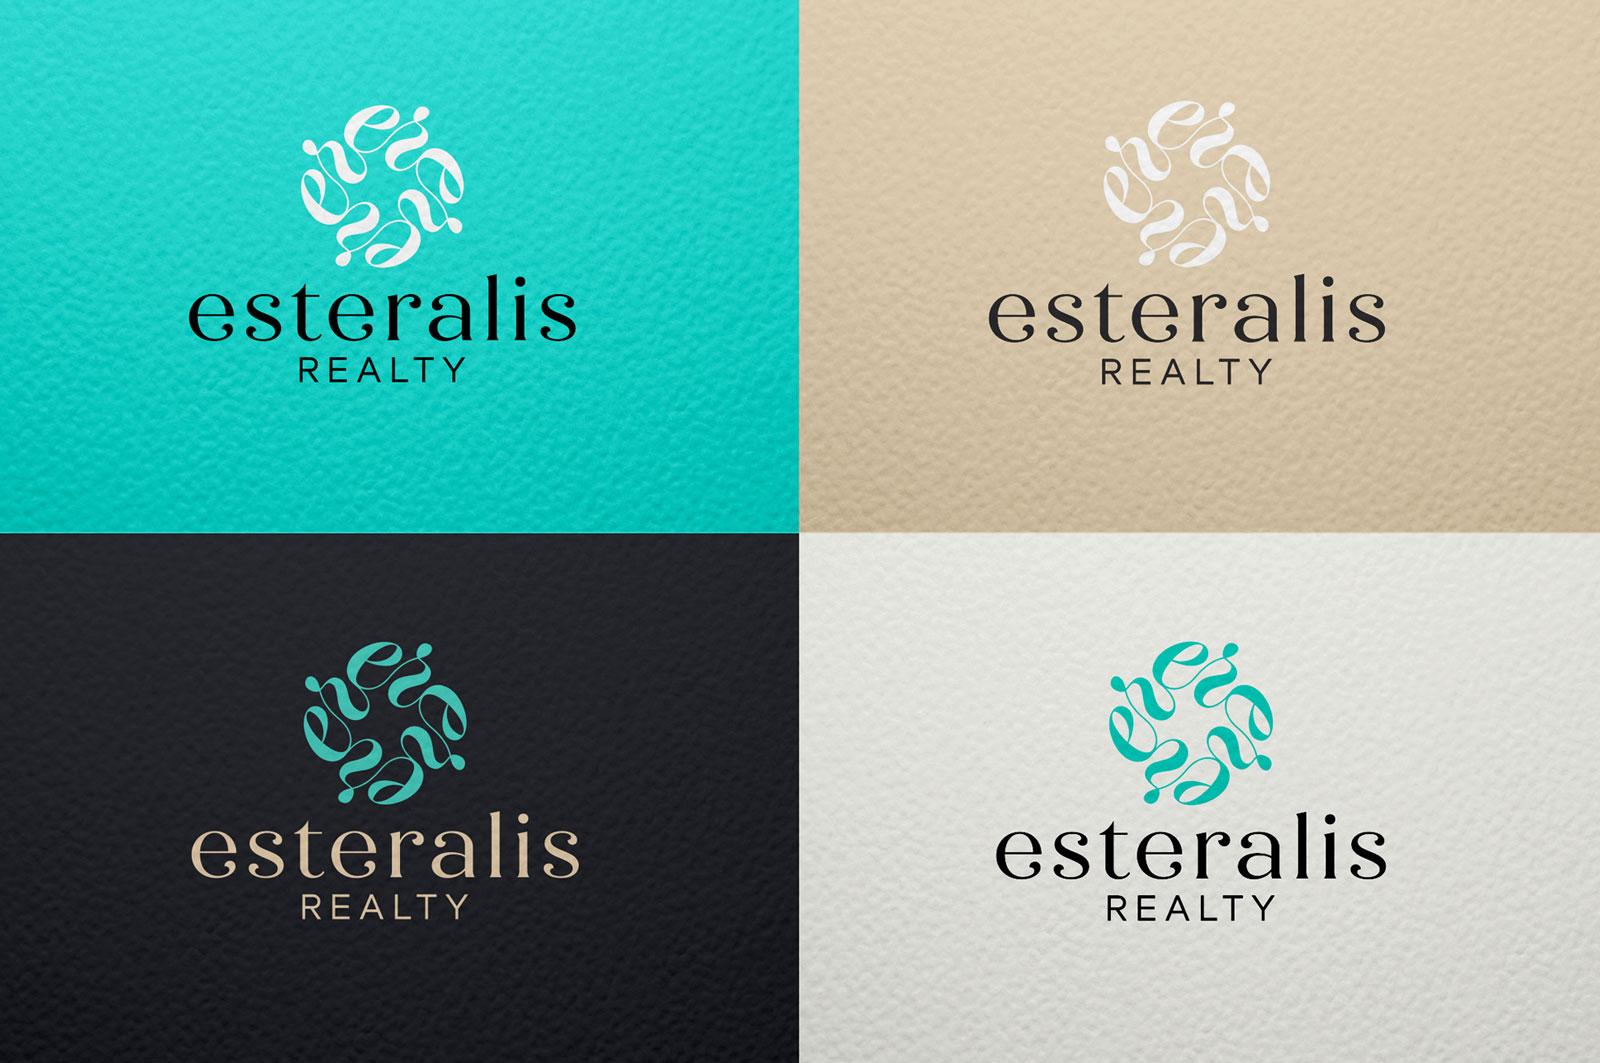 esteralis-realty-01